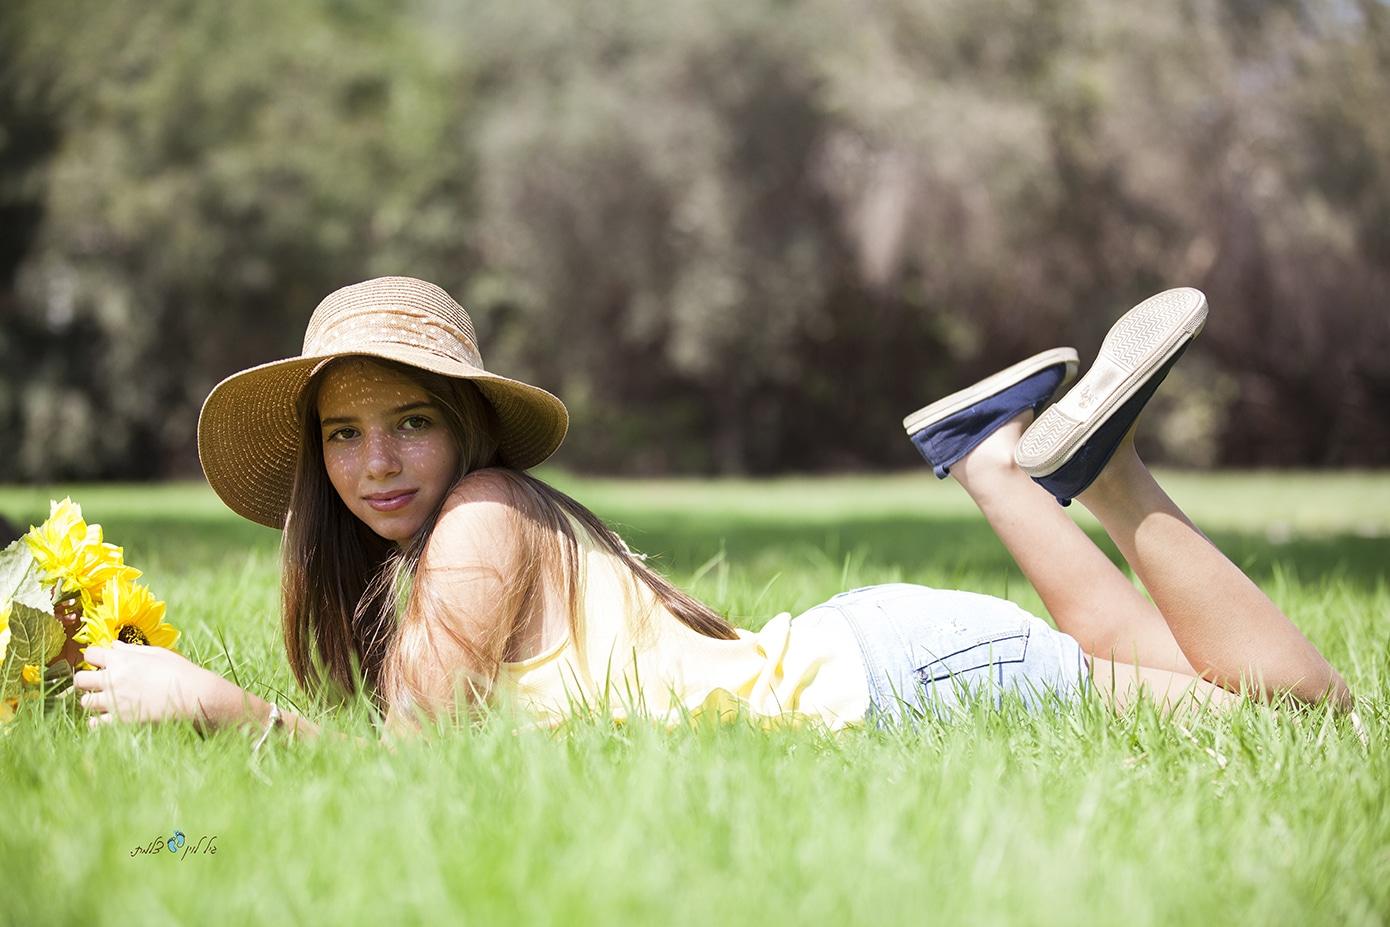 עידית וליאור קמפינסקי - בוק בת מצווה לליאור - סטודיו גיל לוין (12)